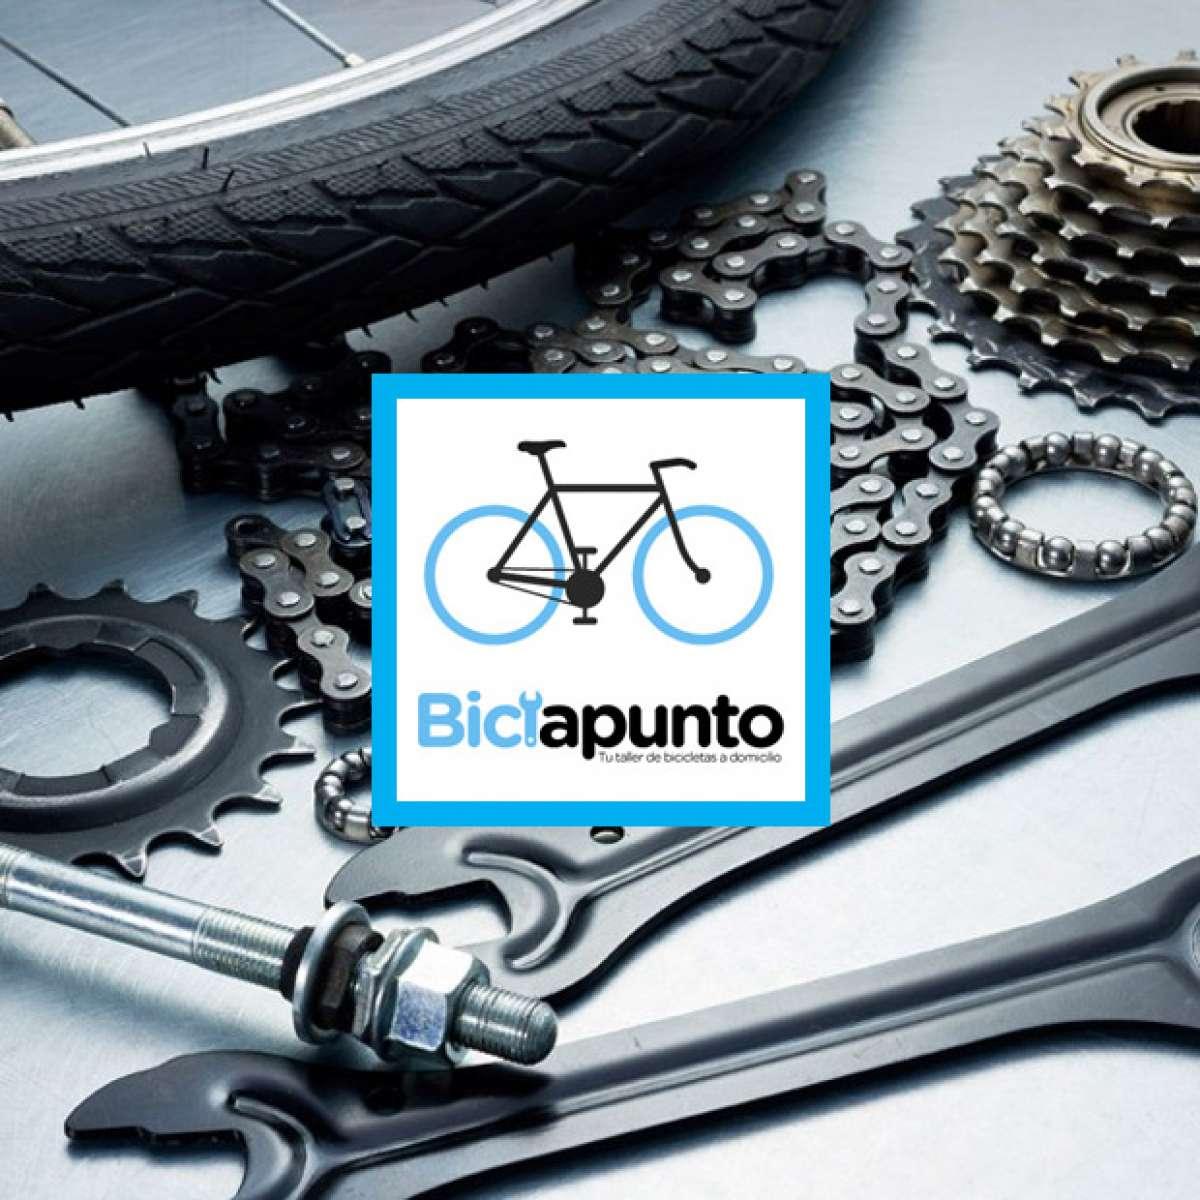 Biciapunto, un taller de bicicletas 'a domicilio' para los ciclistas de Madrid